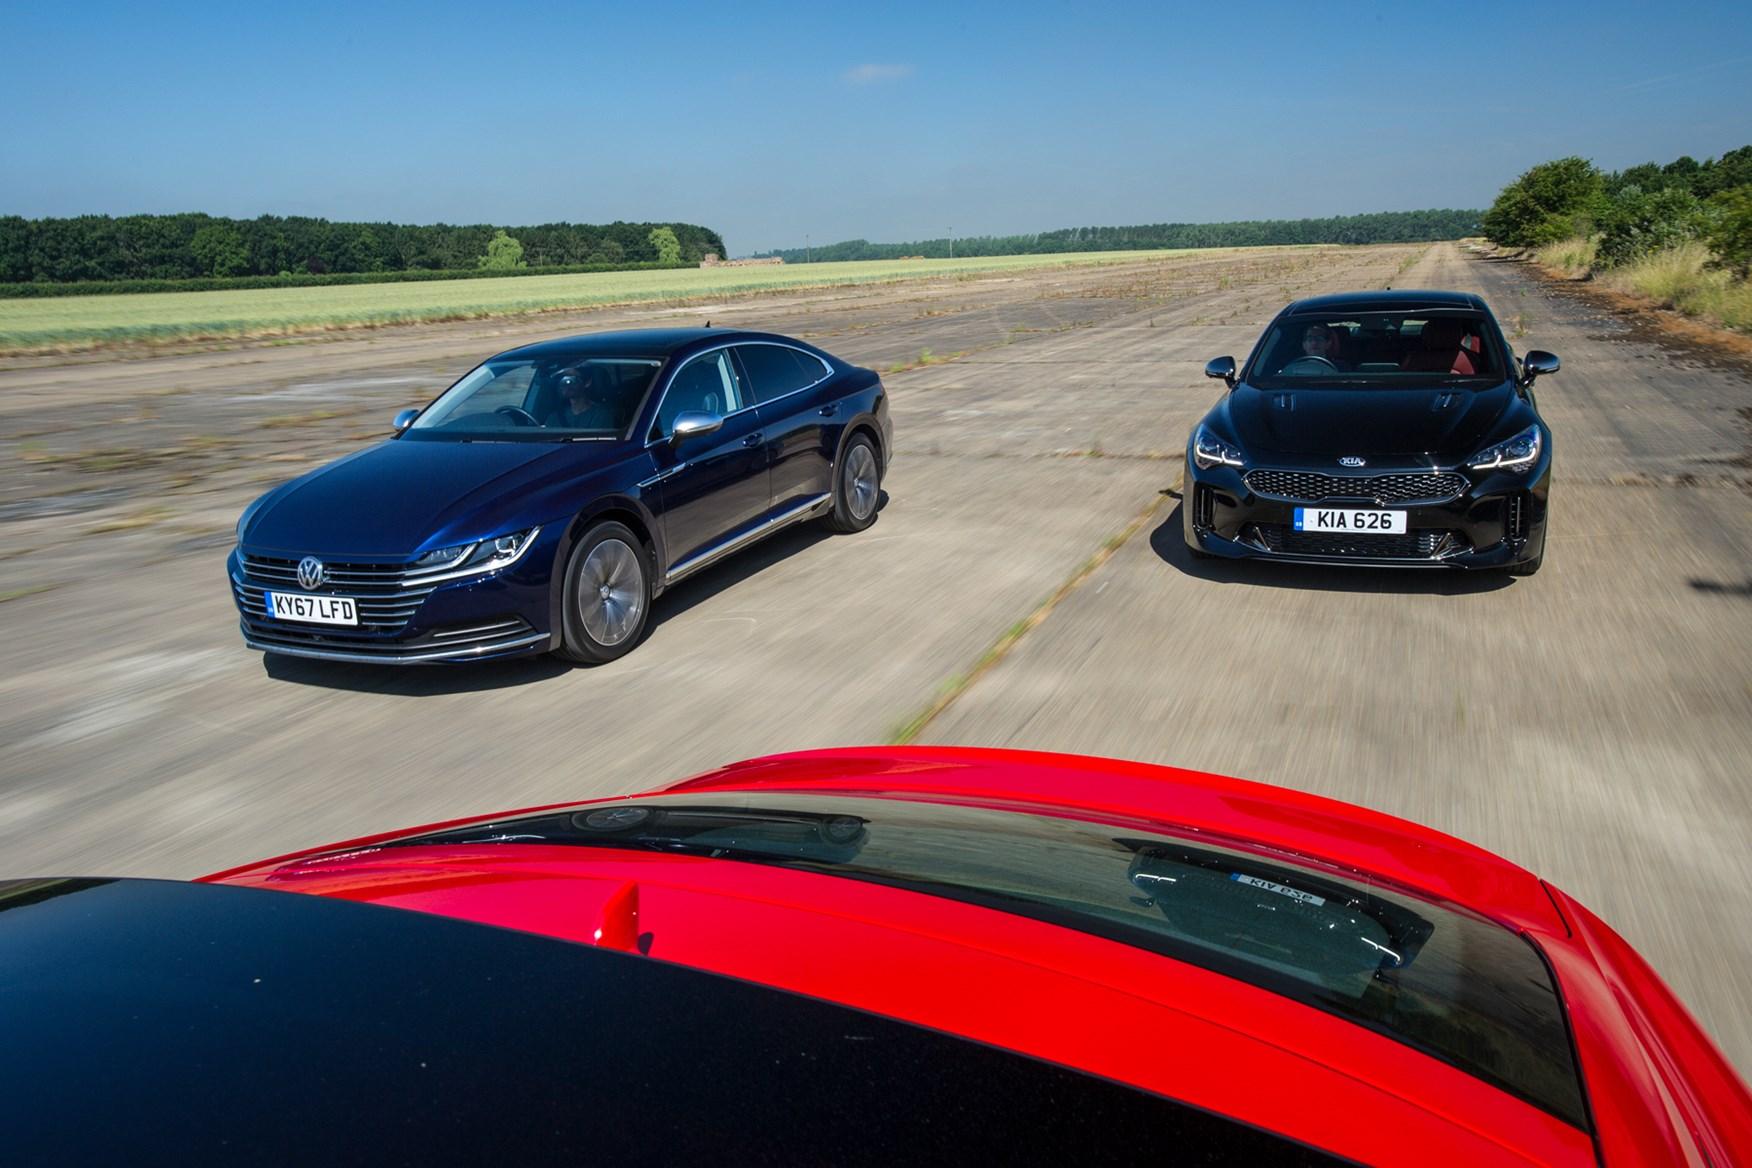 Kia Stinger vs Audi A5 Coupe vs VW Arteon driving shot